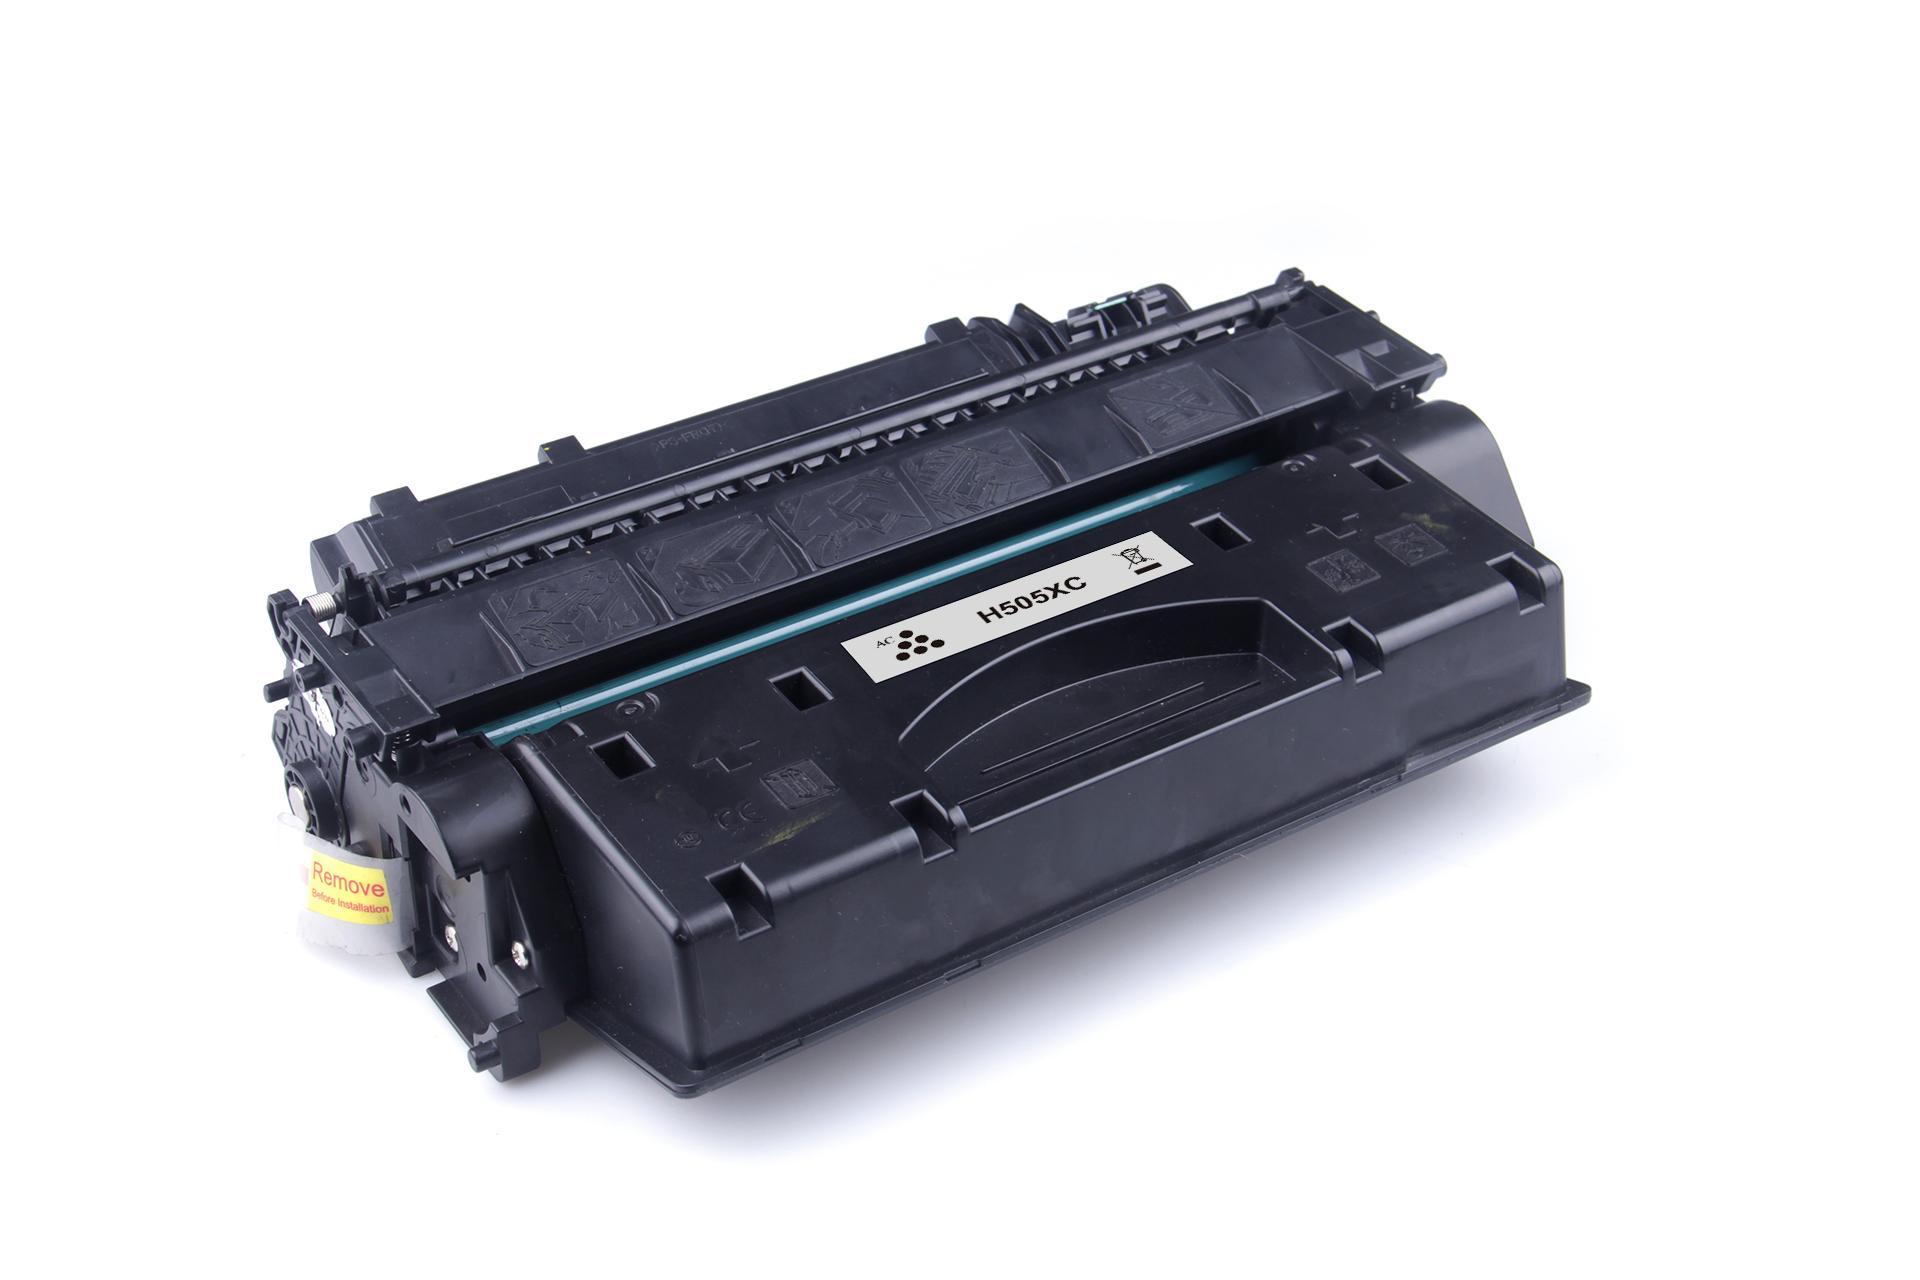 Comp Hewlett Packard CE505X Laser Toner